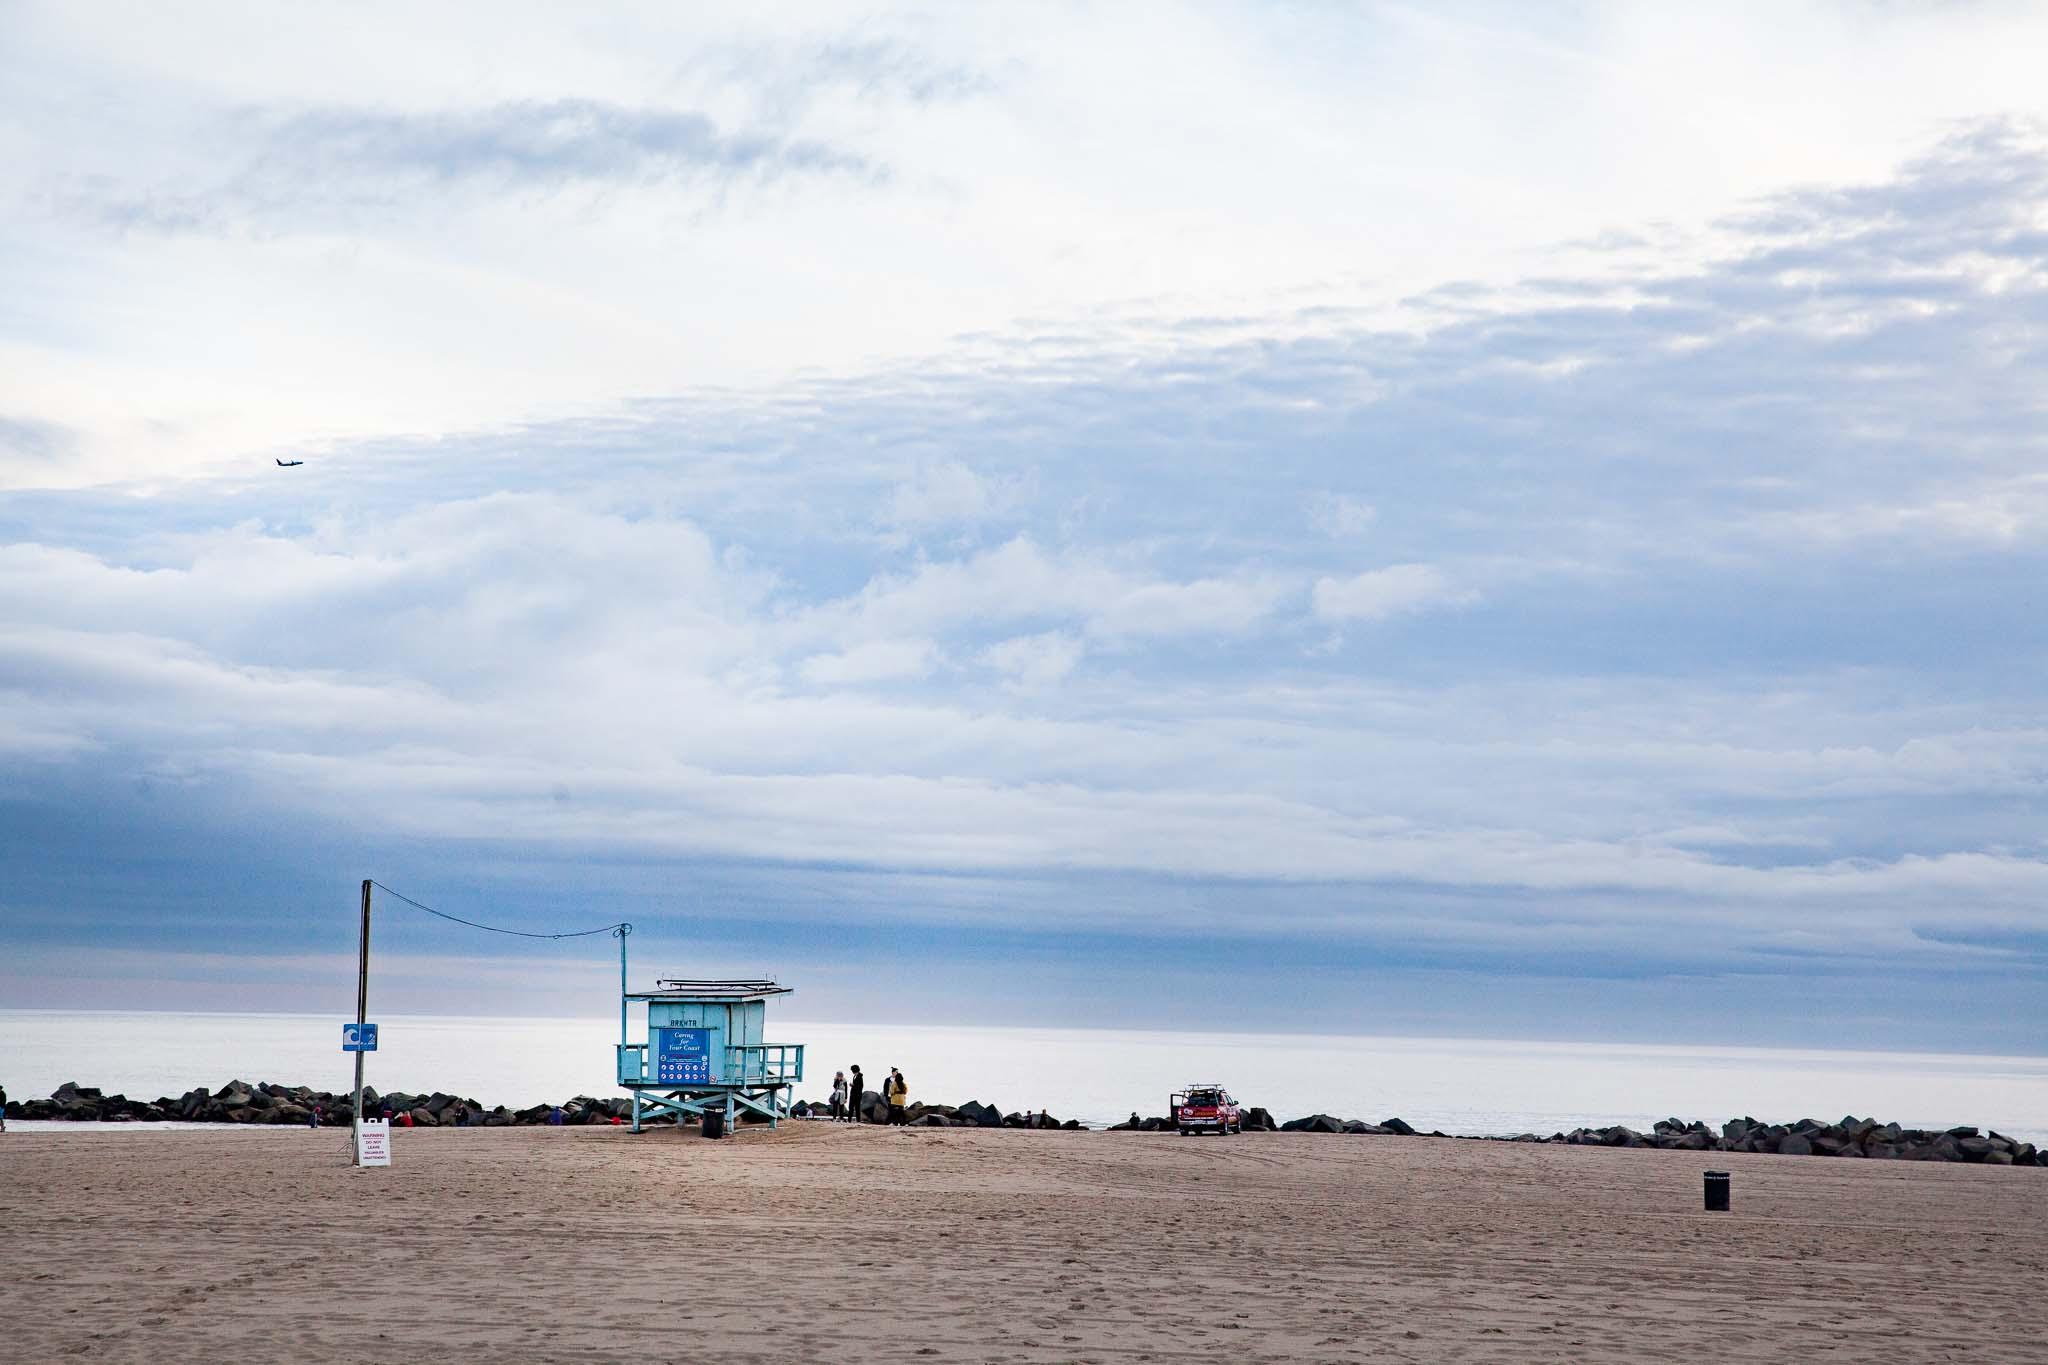 Une cabane de lifeguards sur la plage de Venice à Los Angeles autrement